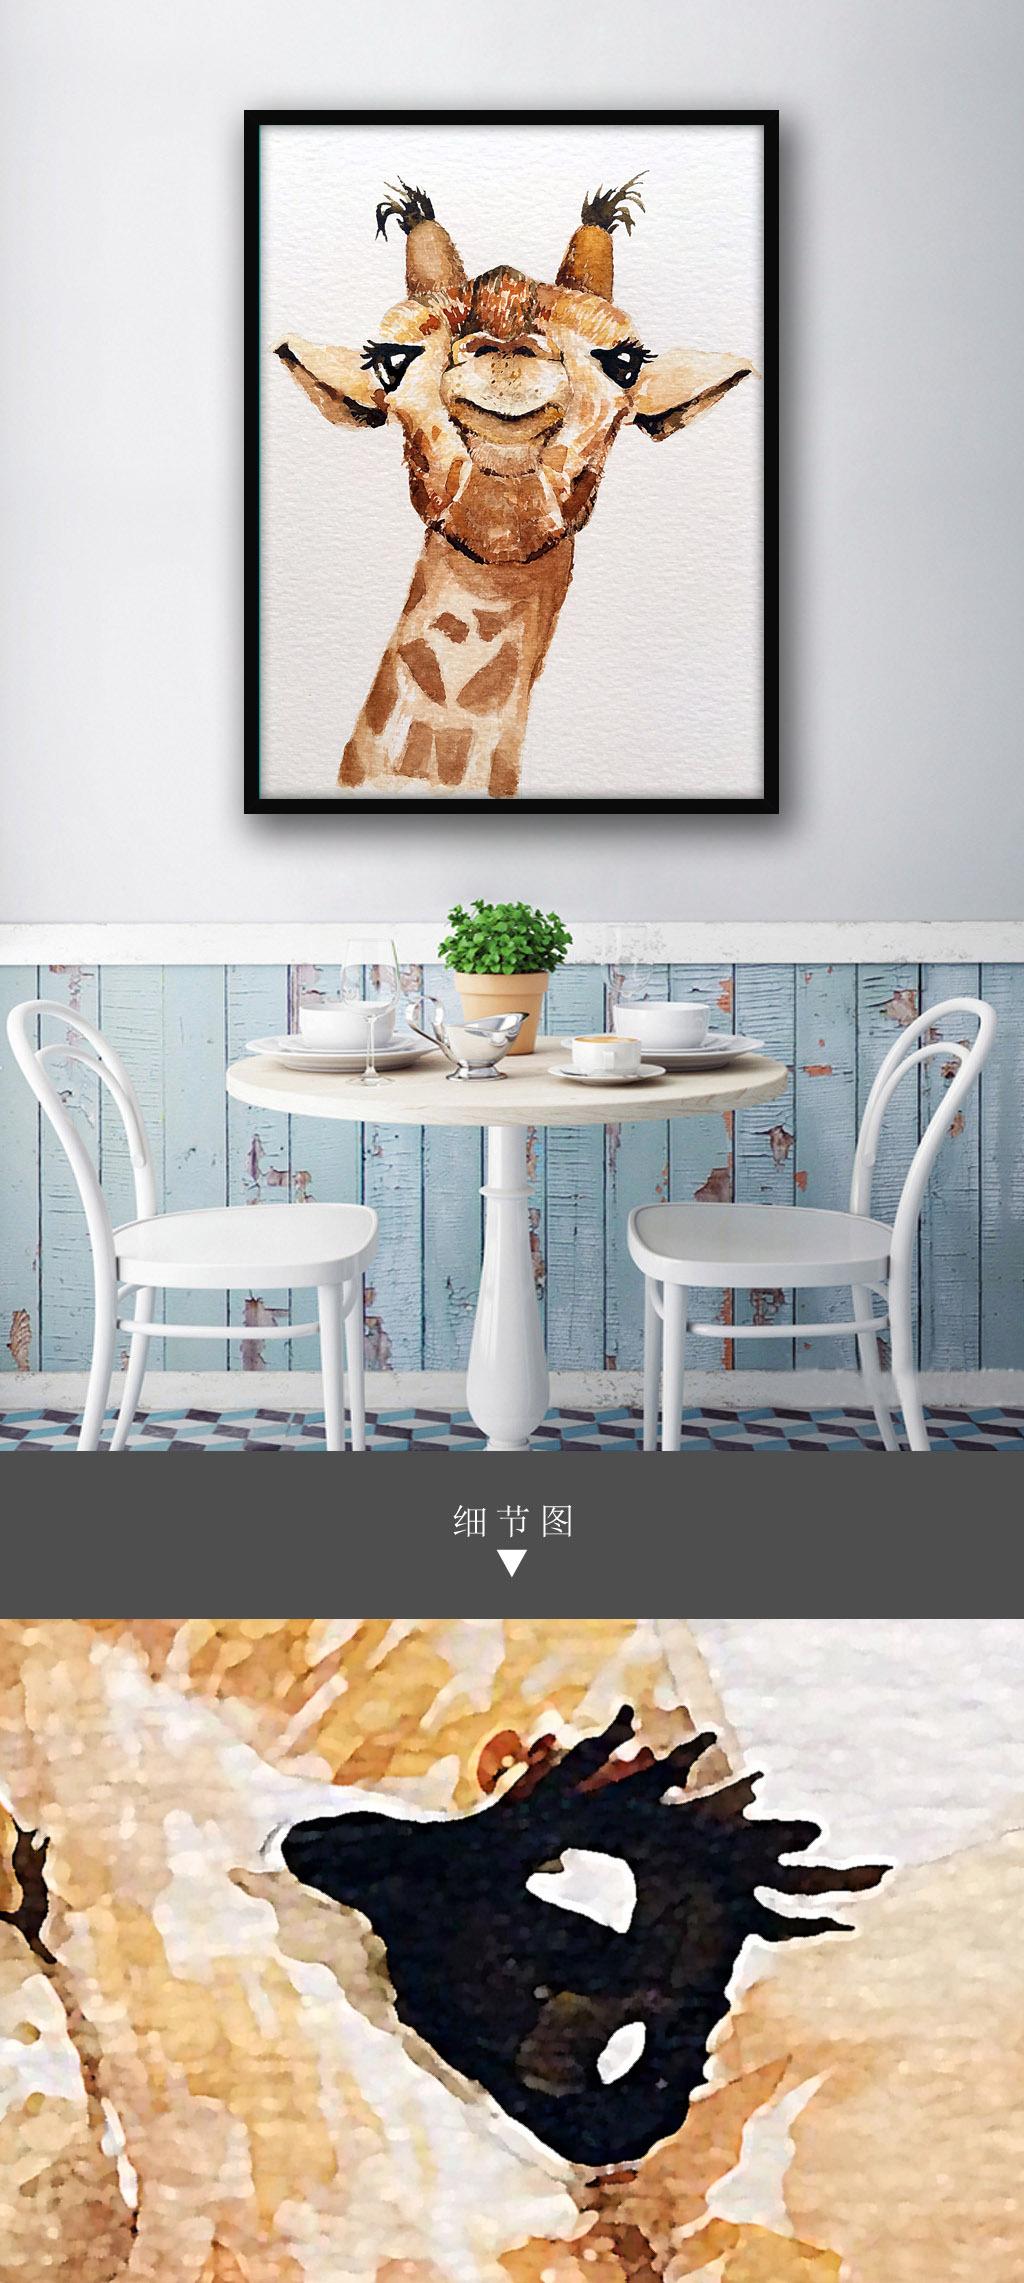 长颈鹿的头动物手绘水彩现代室内客厅.